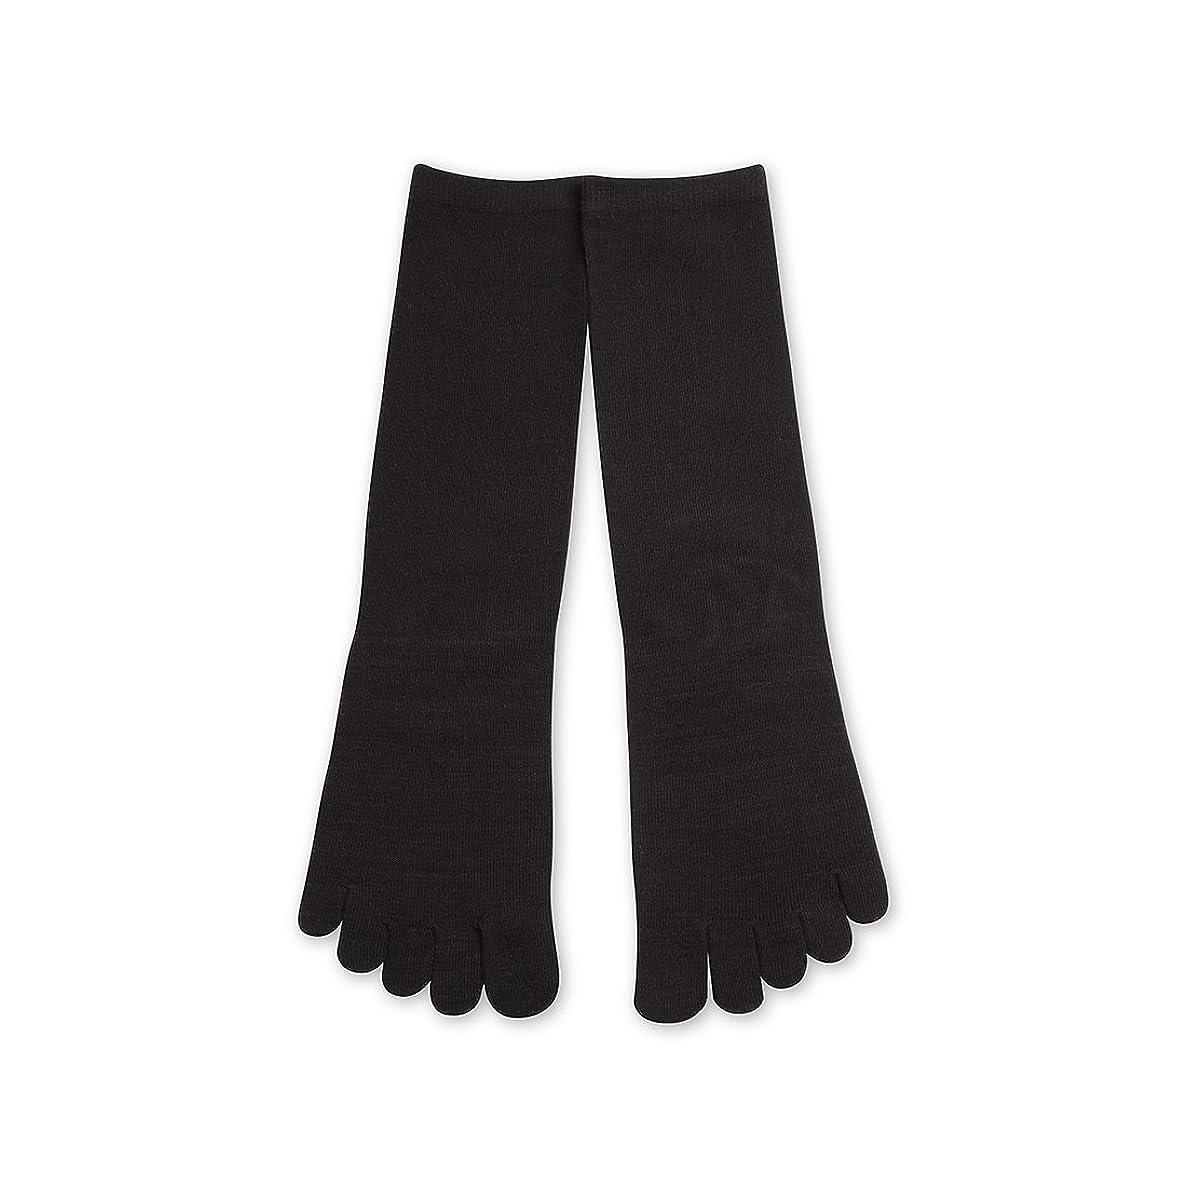 一貫性のないピーブチューブDeol(デオル) 5本指 ソックス 男性用 靴下 25~27cm 黒